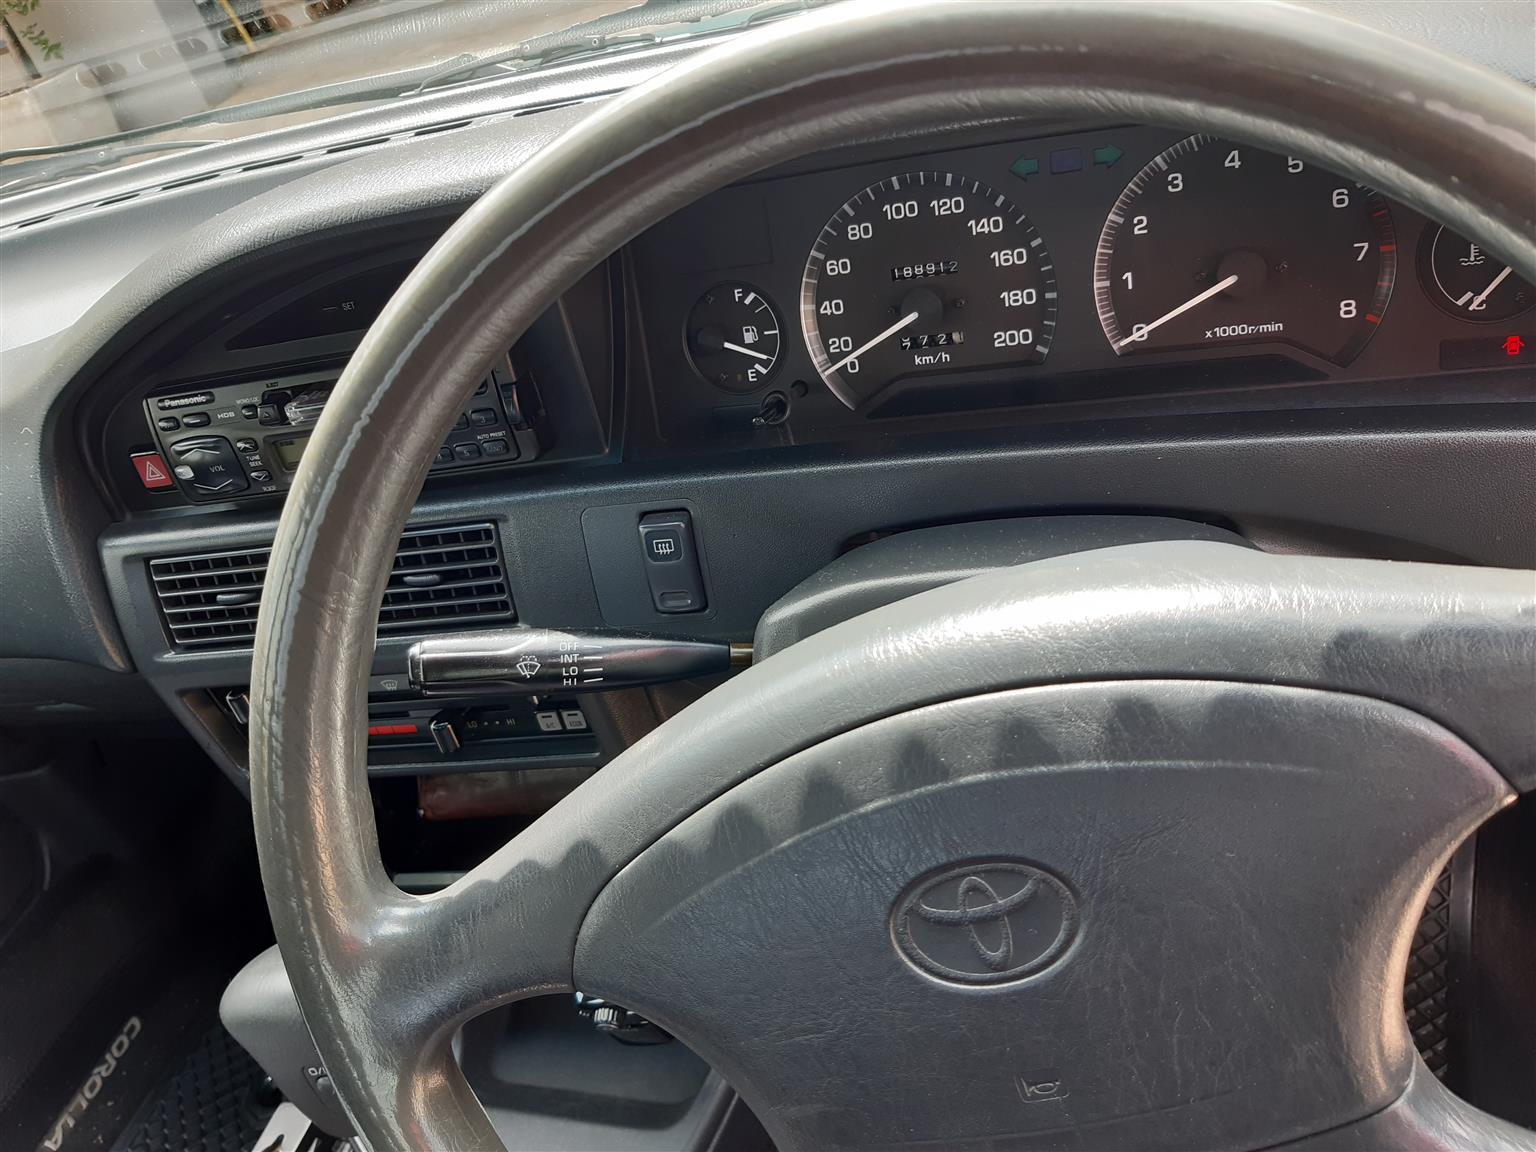 1996 Toyota Corolla 160i GLE automatic